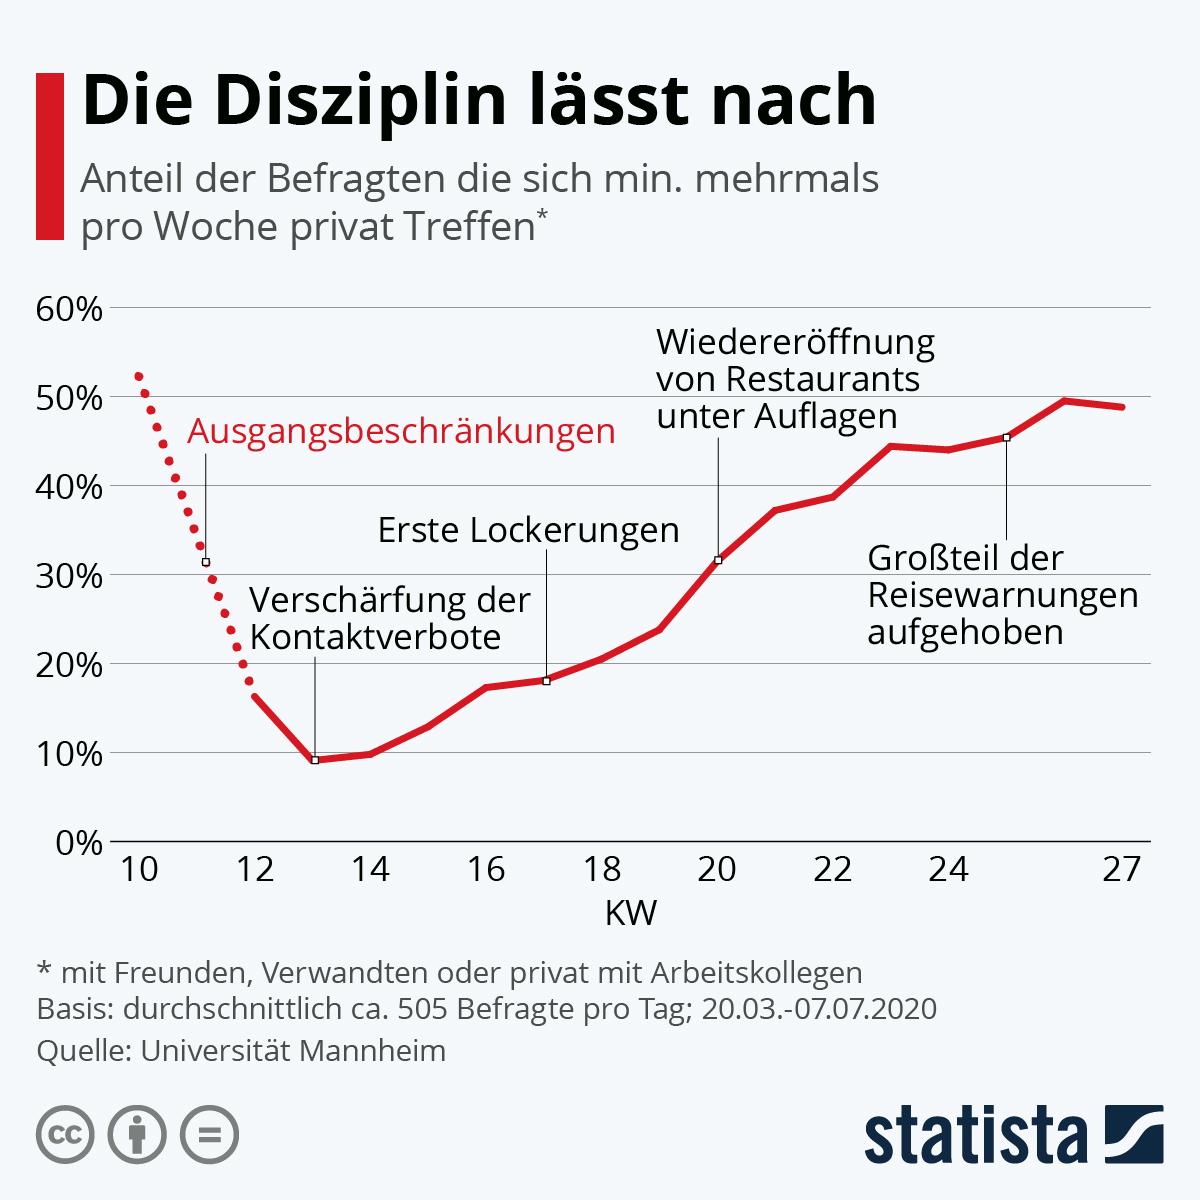 Infografik: Die Disziplin lässt nach | Statista